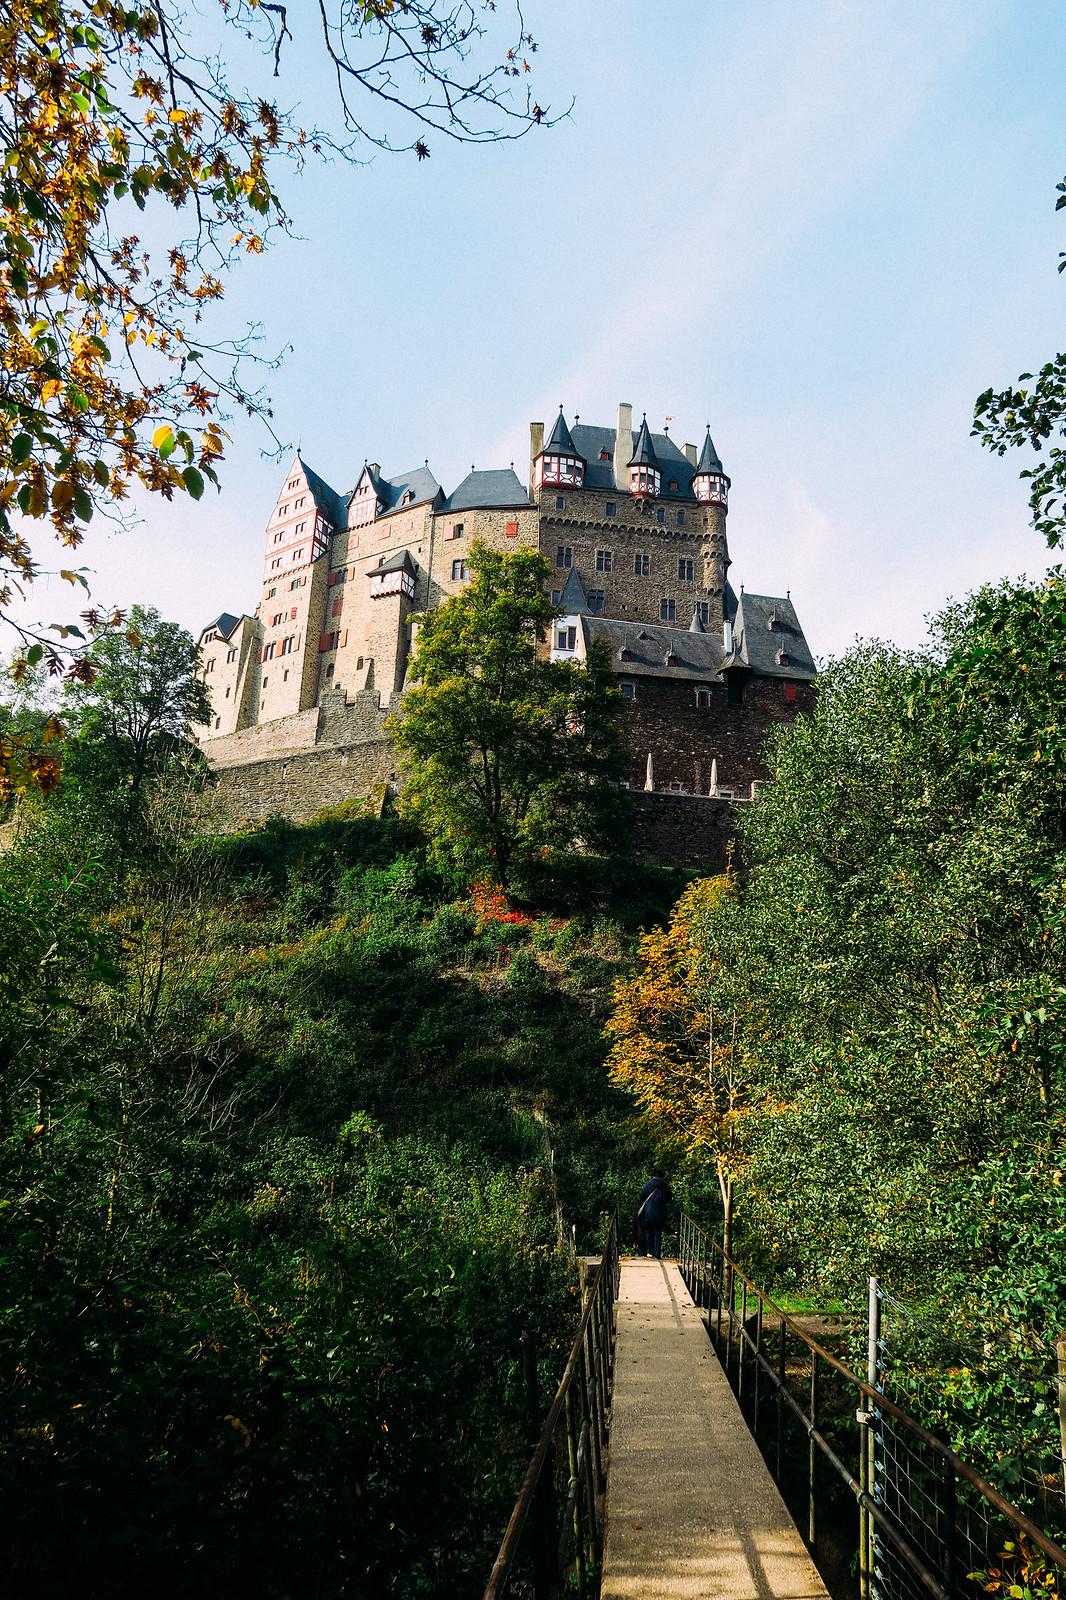 Burg Eltz 2015 (11 of 45)